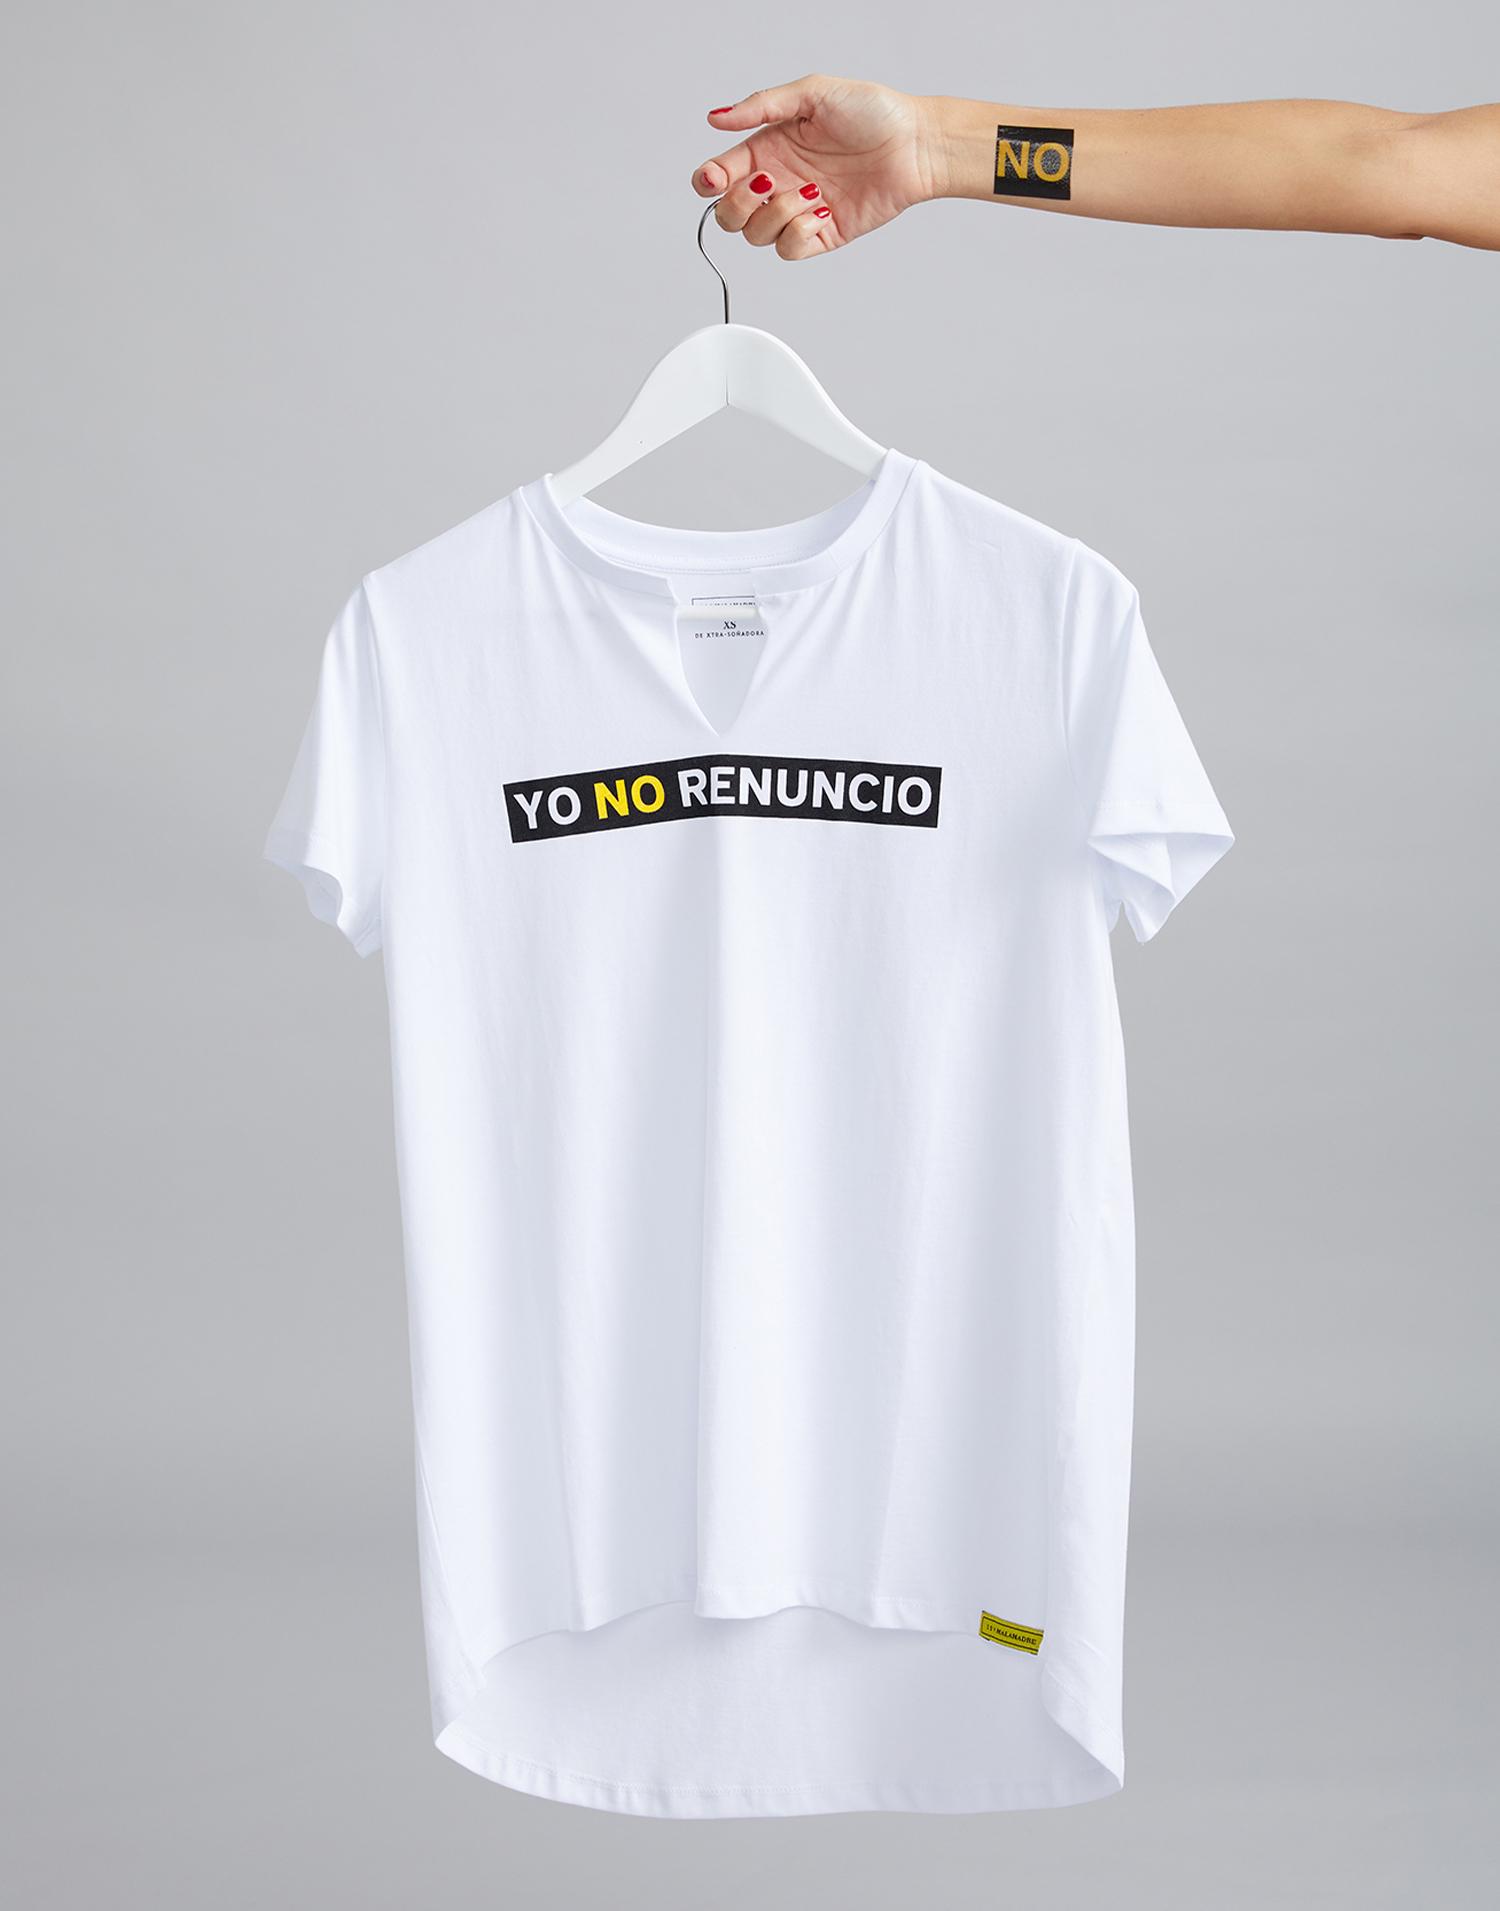 camiseta blanca 'Yo NO Renuncio'